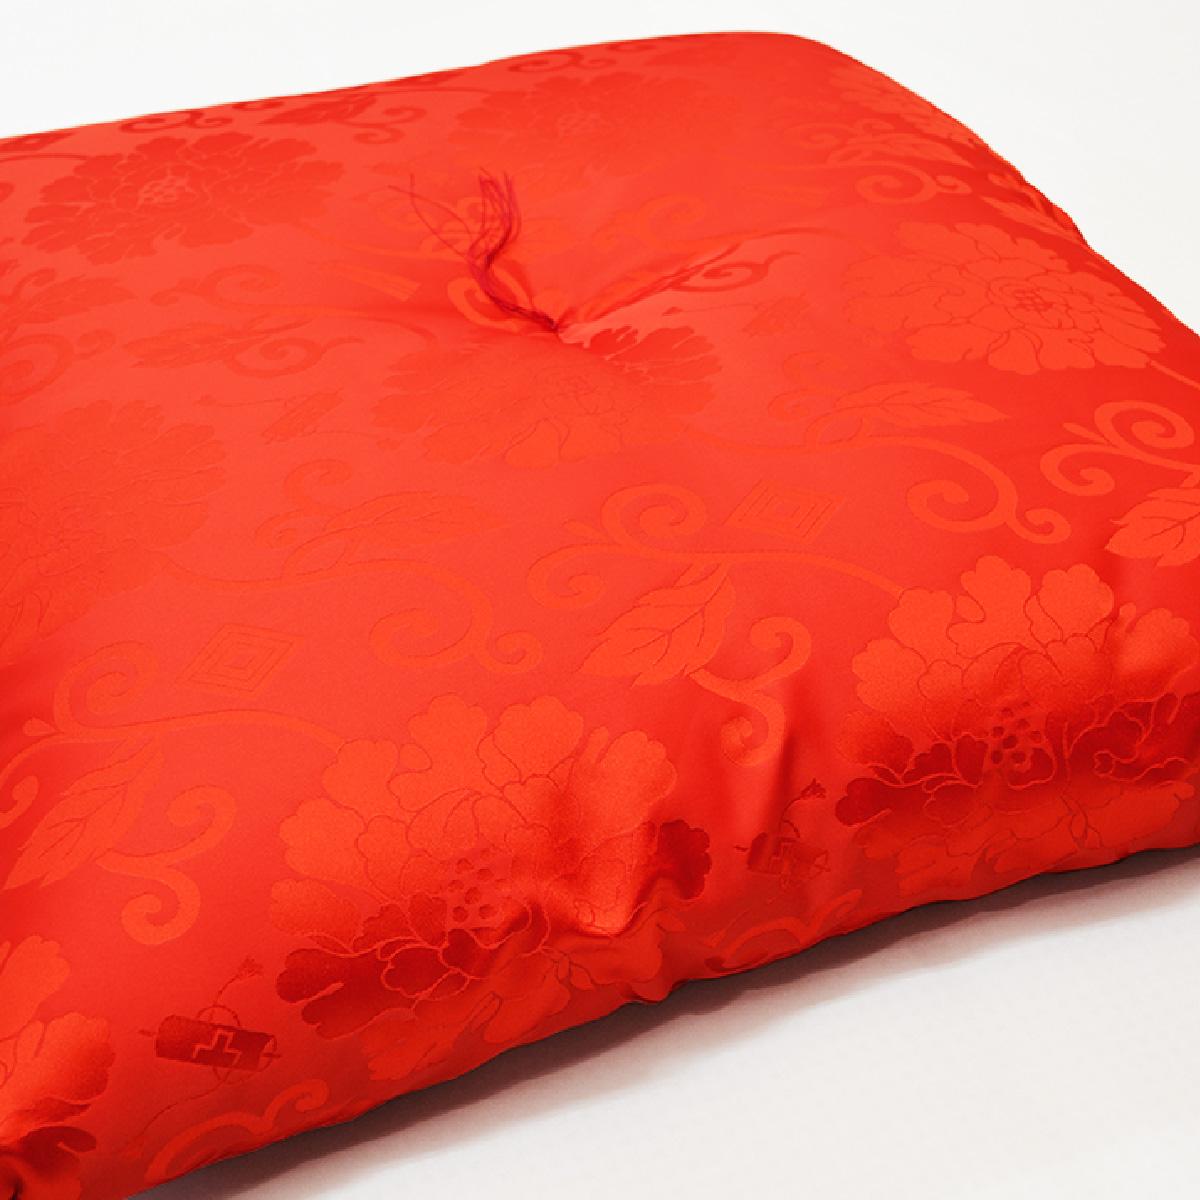 還暦 プレゼント 赤色の座布団 柄について